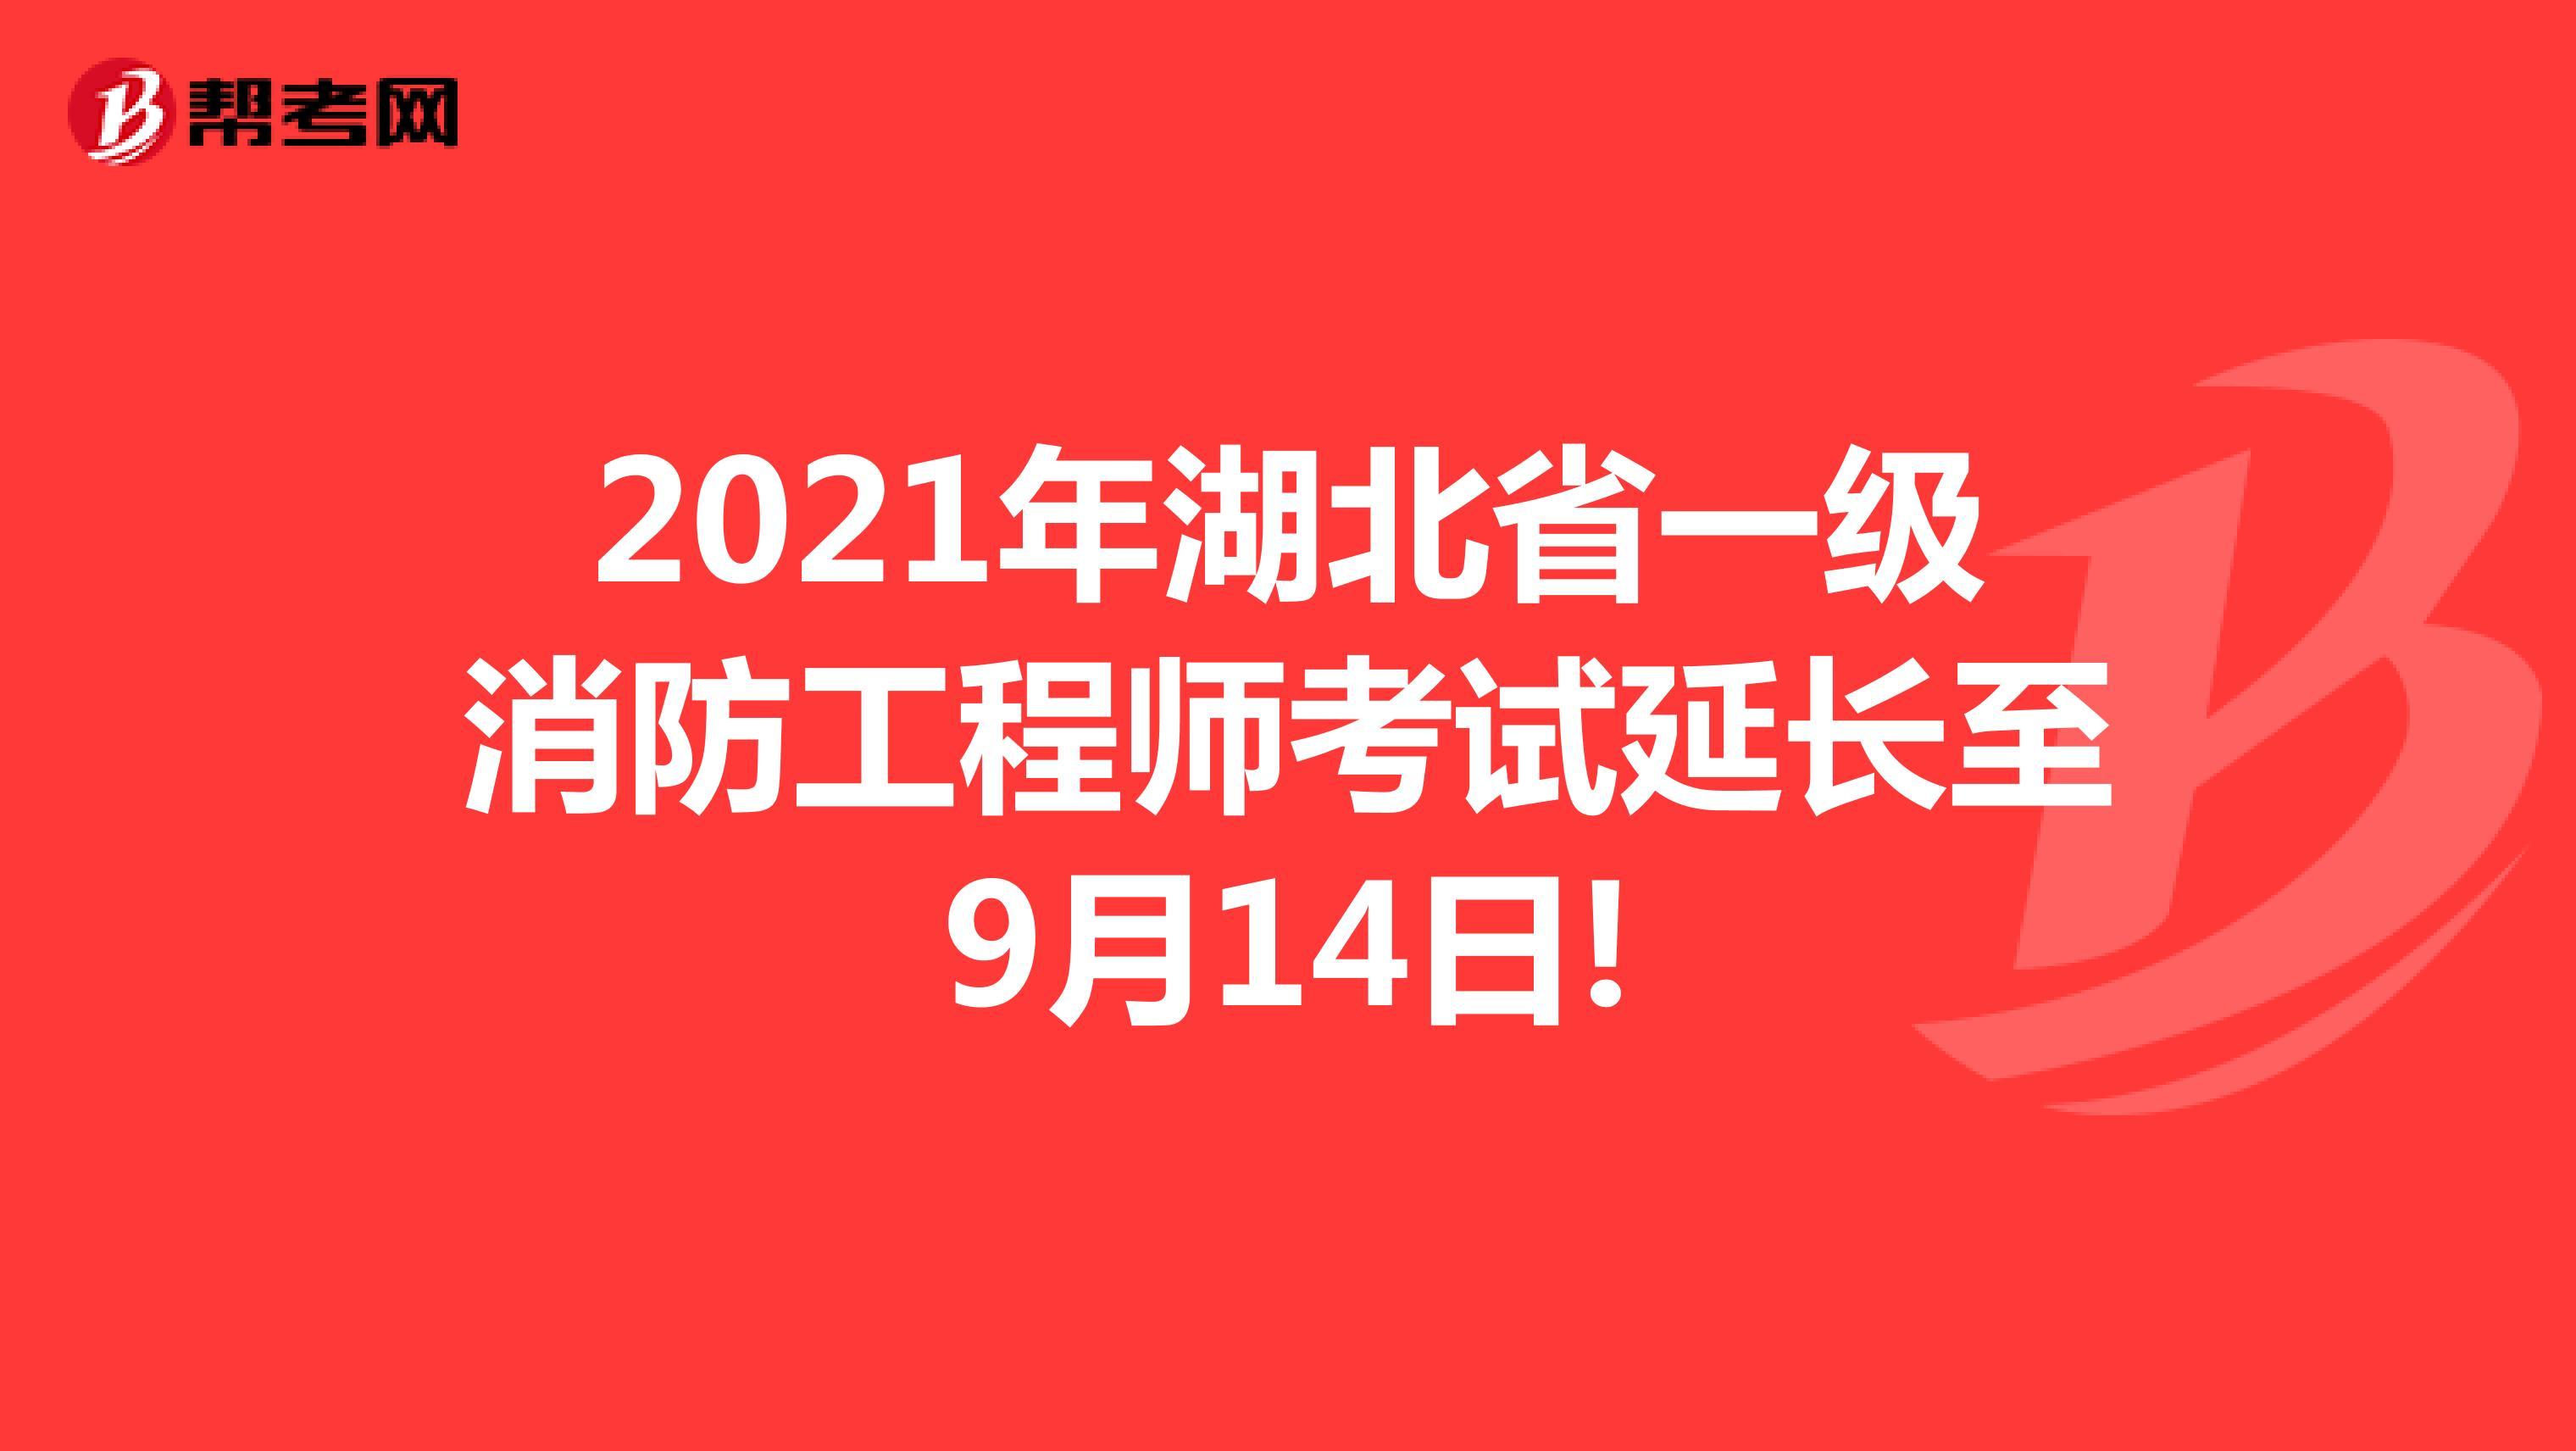 2021年湖北省一级消防工程师考试延长至9月14日!